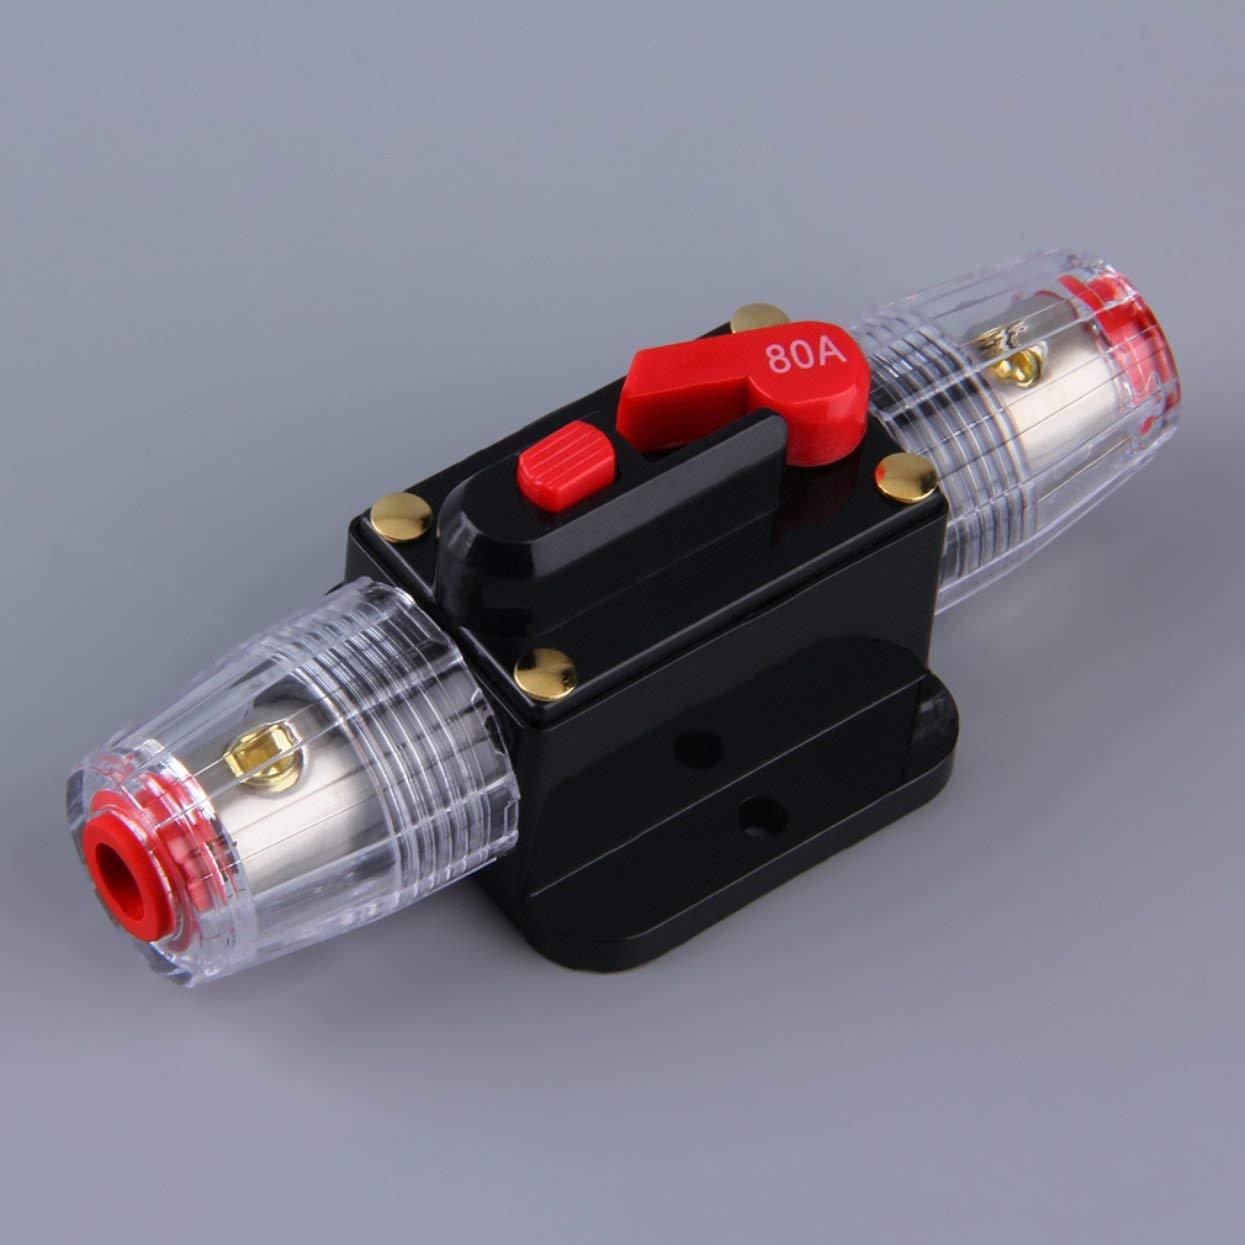 Syst/ème de Protection Audio de Voiture Professionnelle Disjoncteur de 100//80 A Commutateur de r/éinitialisation Manuelle Porte-fusible AGU Installation Facile